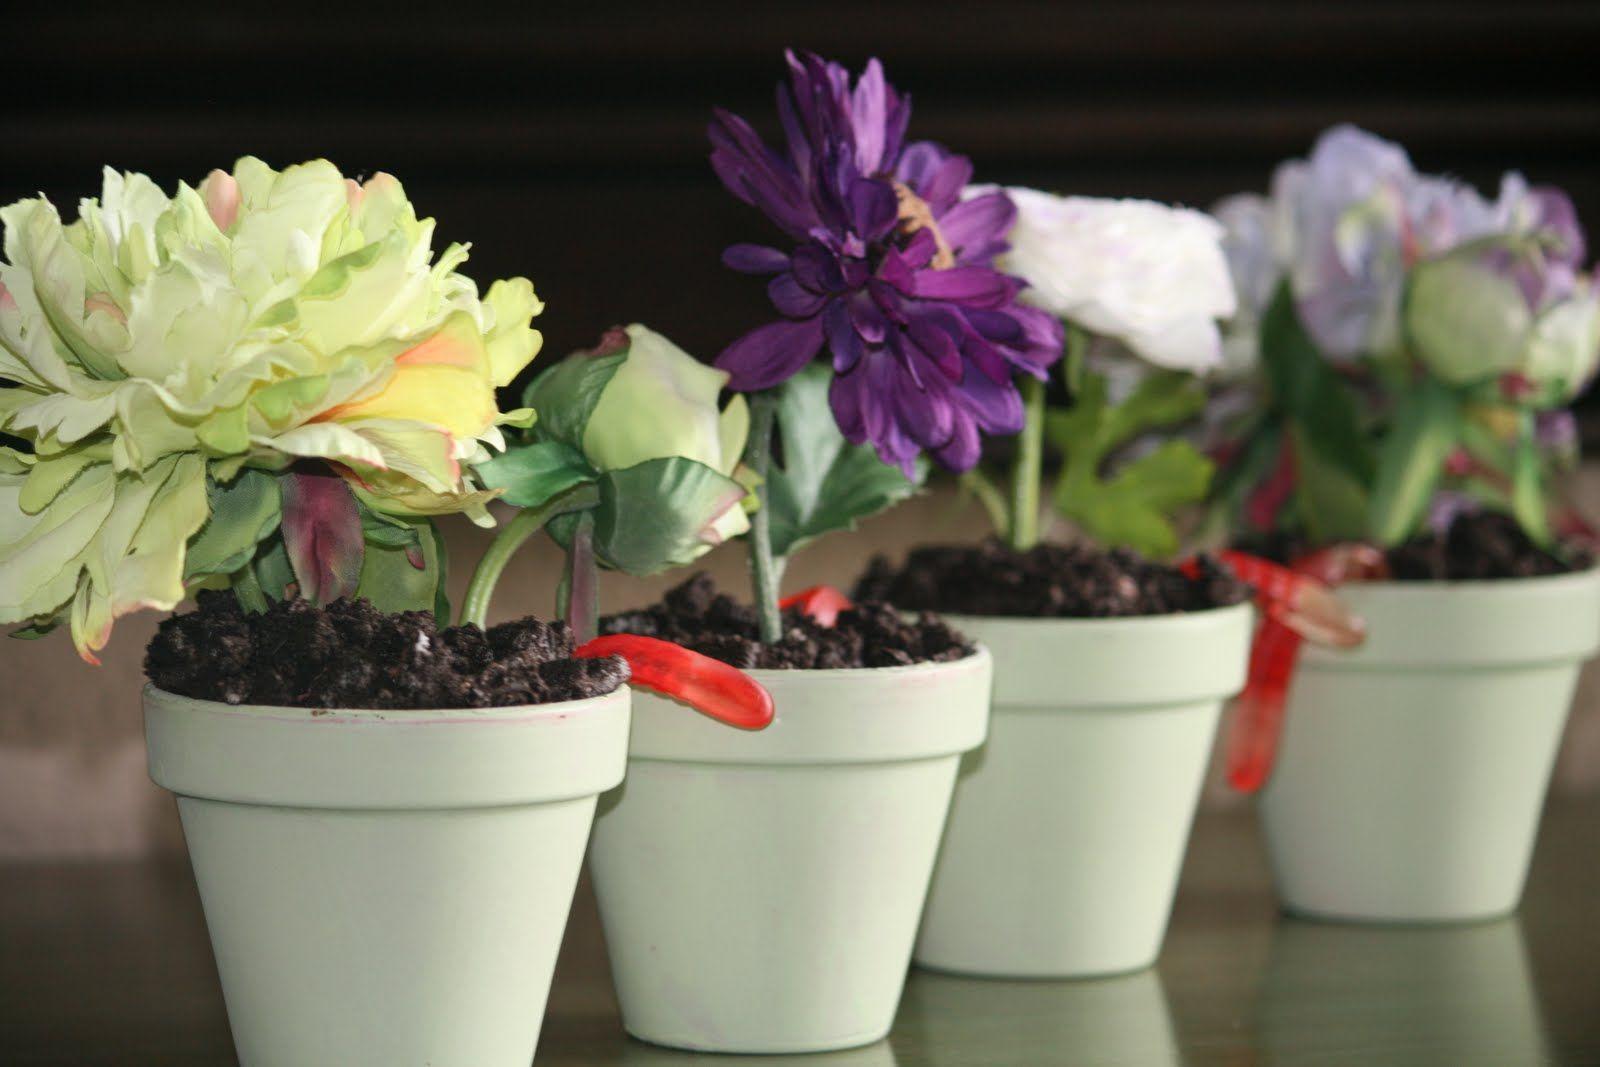 Pinterest & Dirt Cake Flower Pots | Parties | Dirt cake Flower pots ...